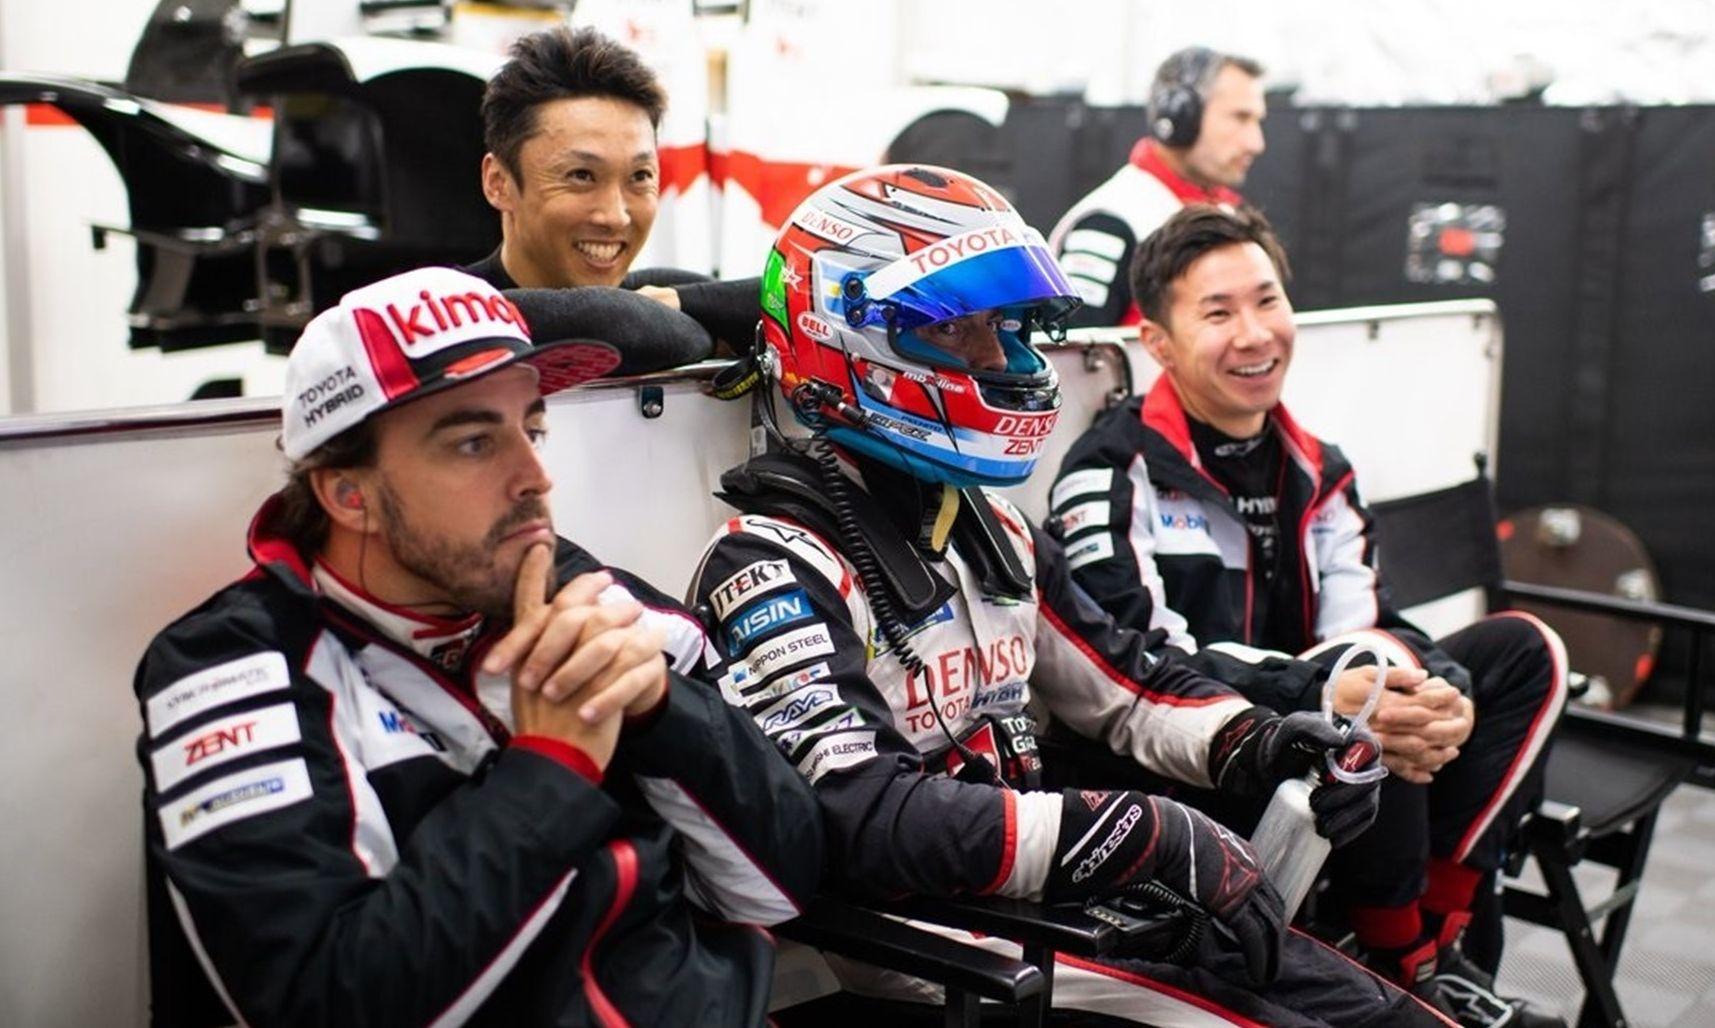 Circuito Fernando Alonso Precio : Fernando alonso saldrá con su toyota desde el segundo puesto en las